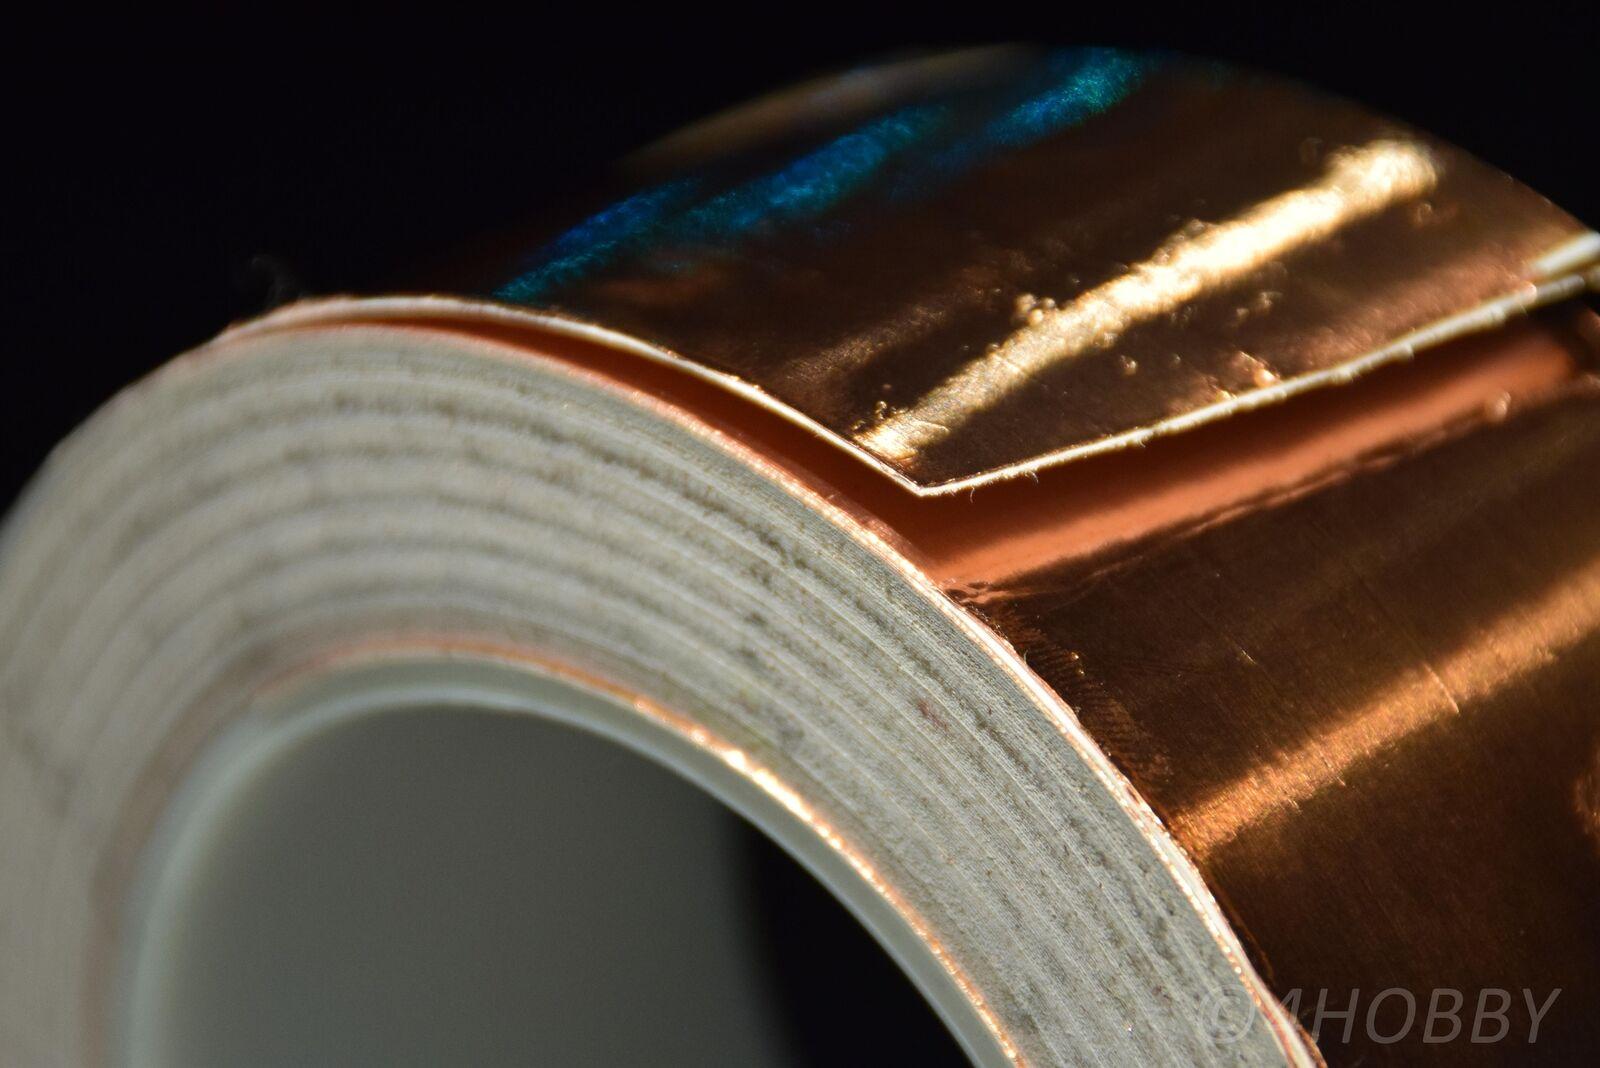 Kupferband 30m 50mm Breit selbstklebend Band aus Kupfer für Gitarren, Modellbau